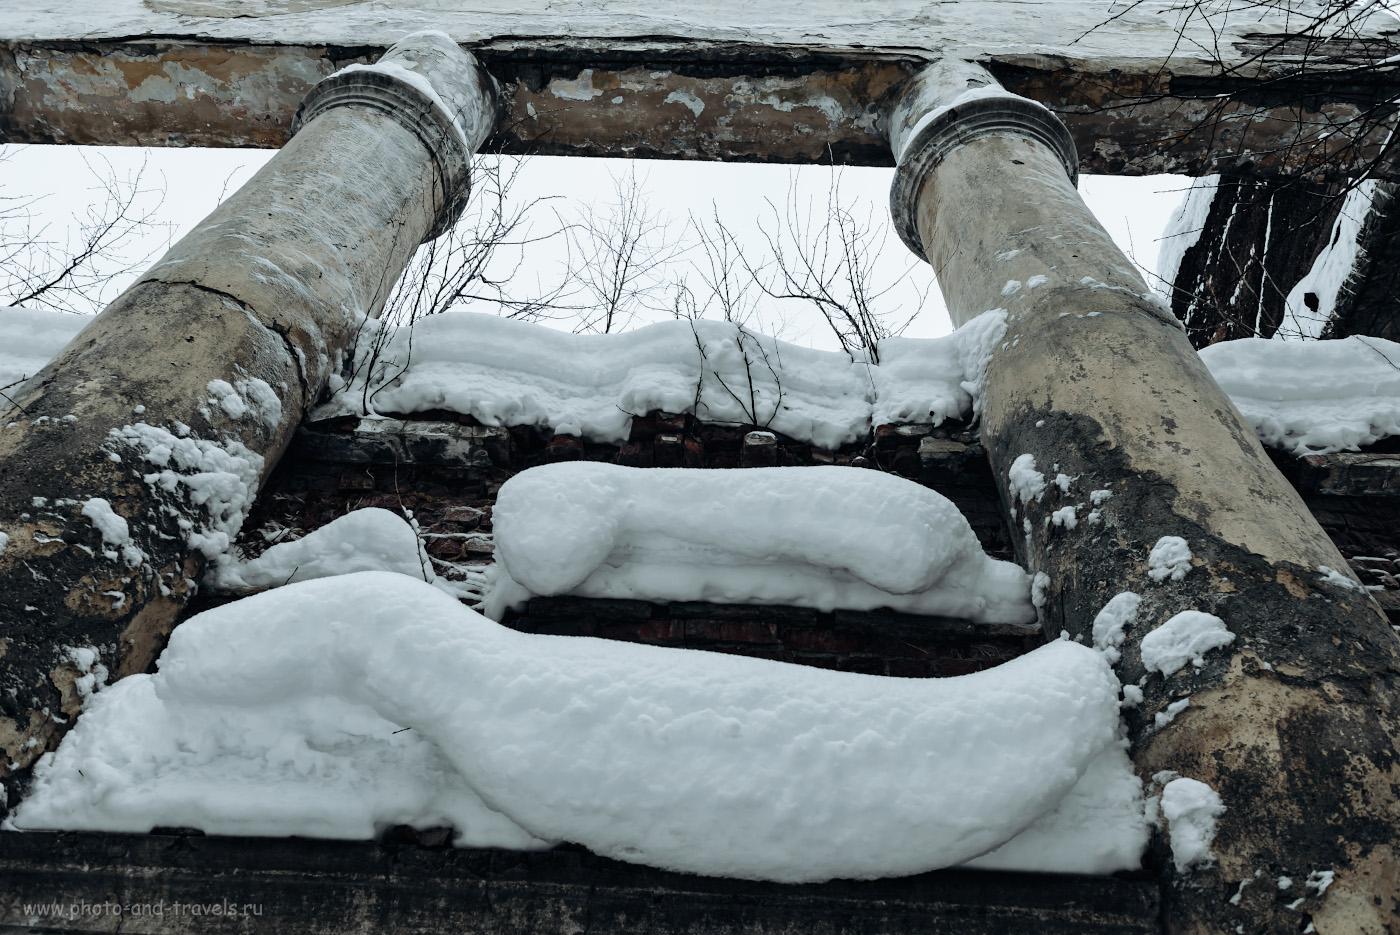 Фото 18. Блеск и нищета города-призрака. Исследуем заброшки Пермского края. 1/50, 5.6, 125, 24.